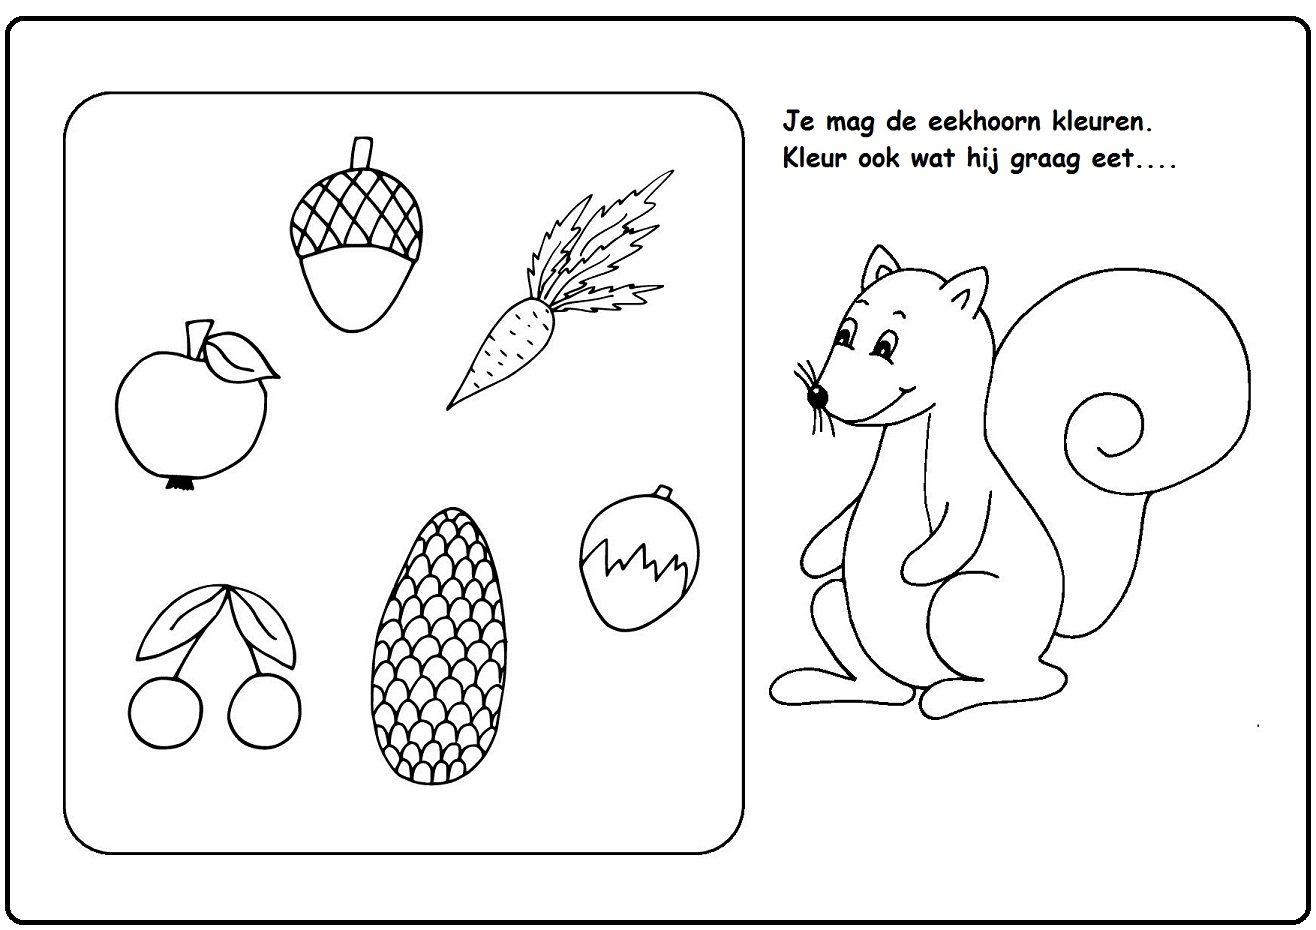 Pin On Herfst Eekhoorn Kleurplaten